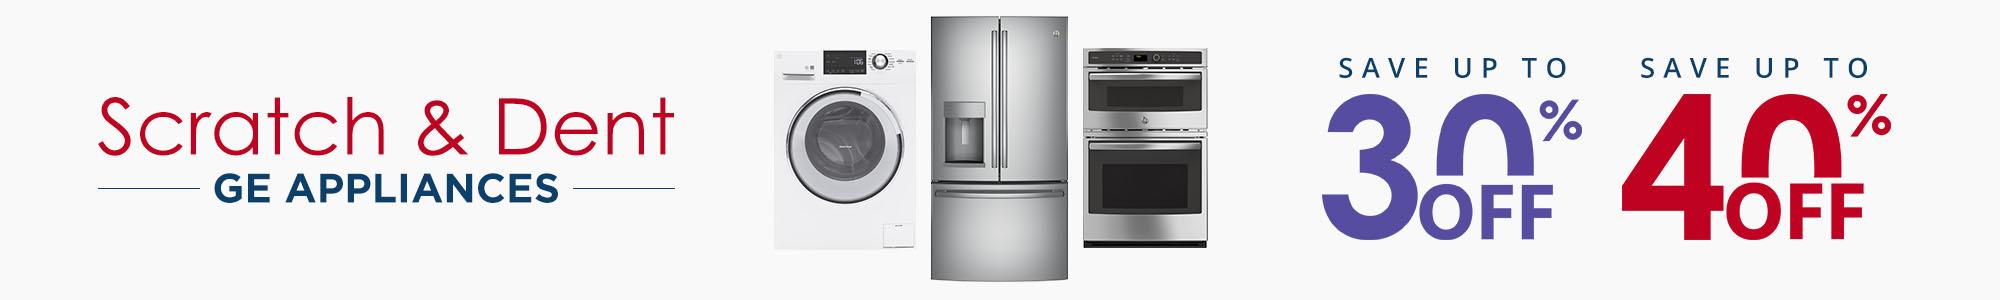 Scratch & Dent GE Appliances